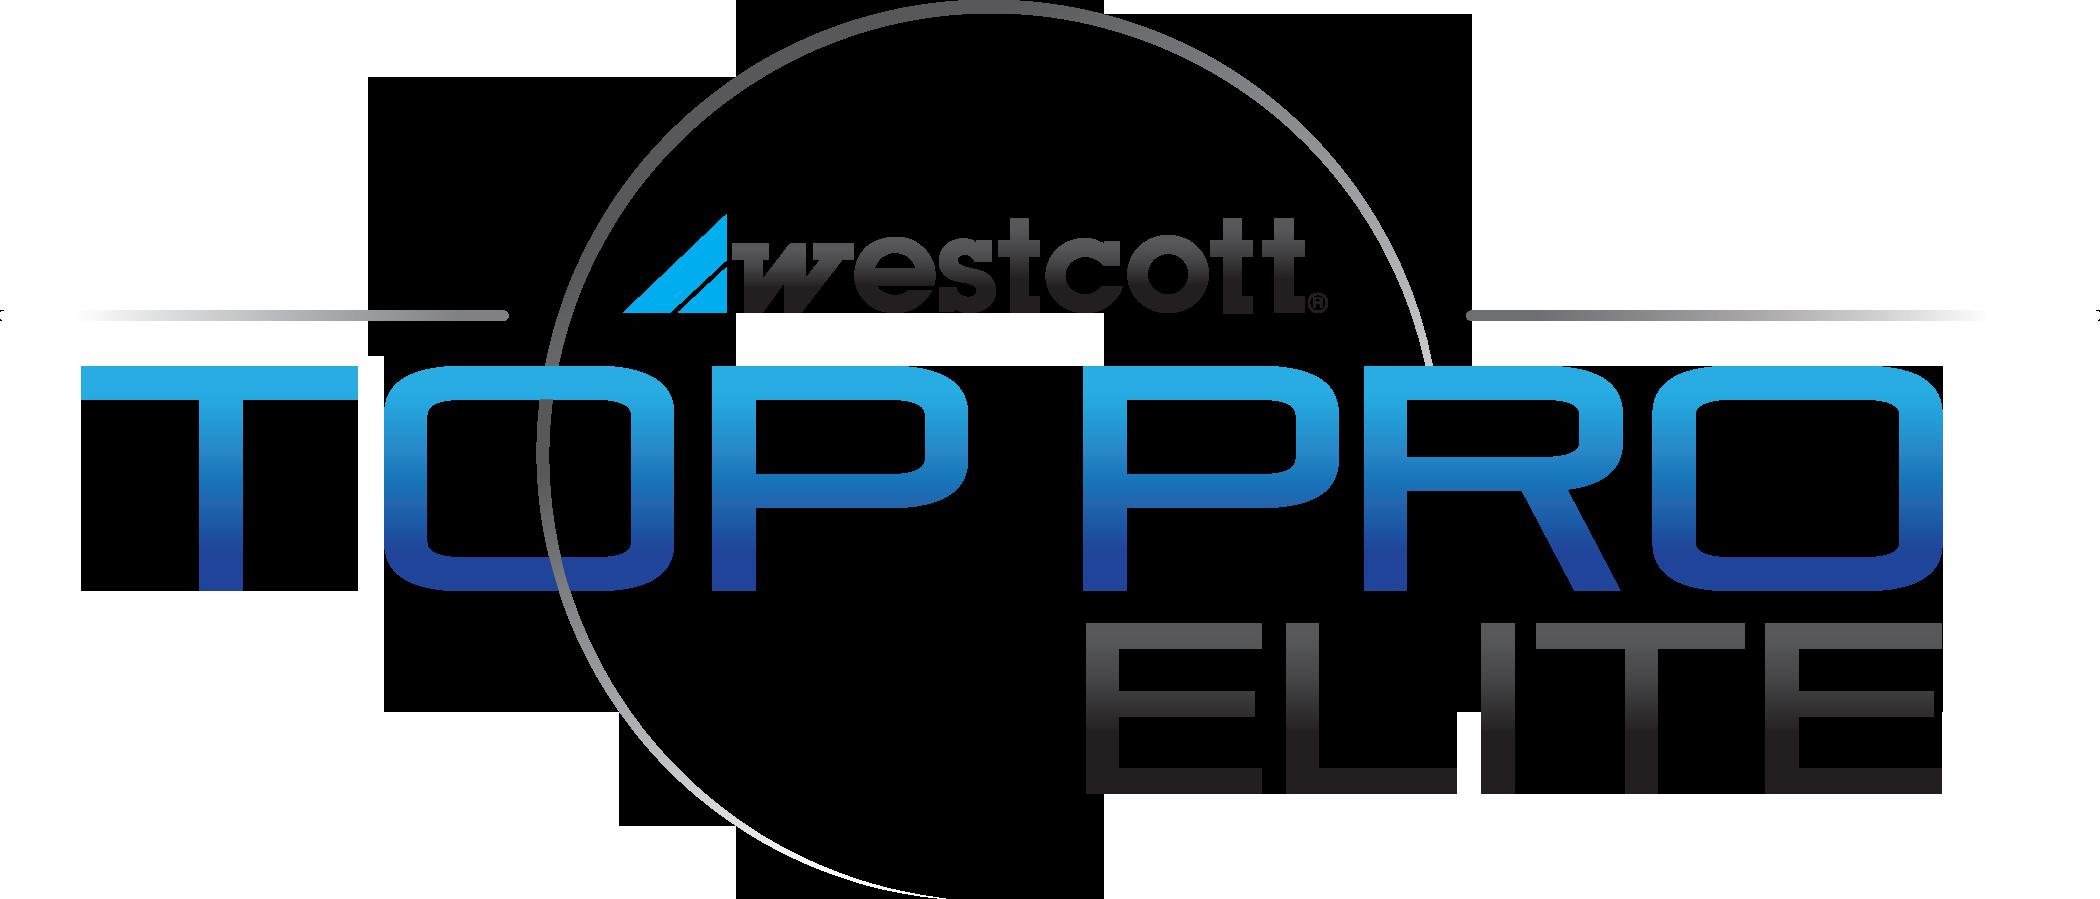 Westcott Top Pro <i>Elite</i> Photographer